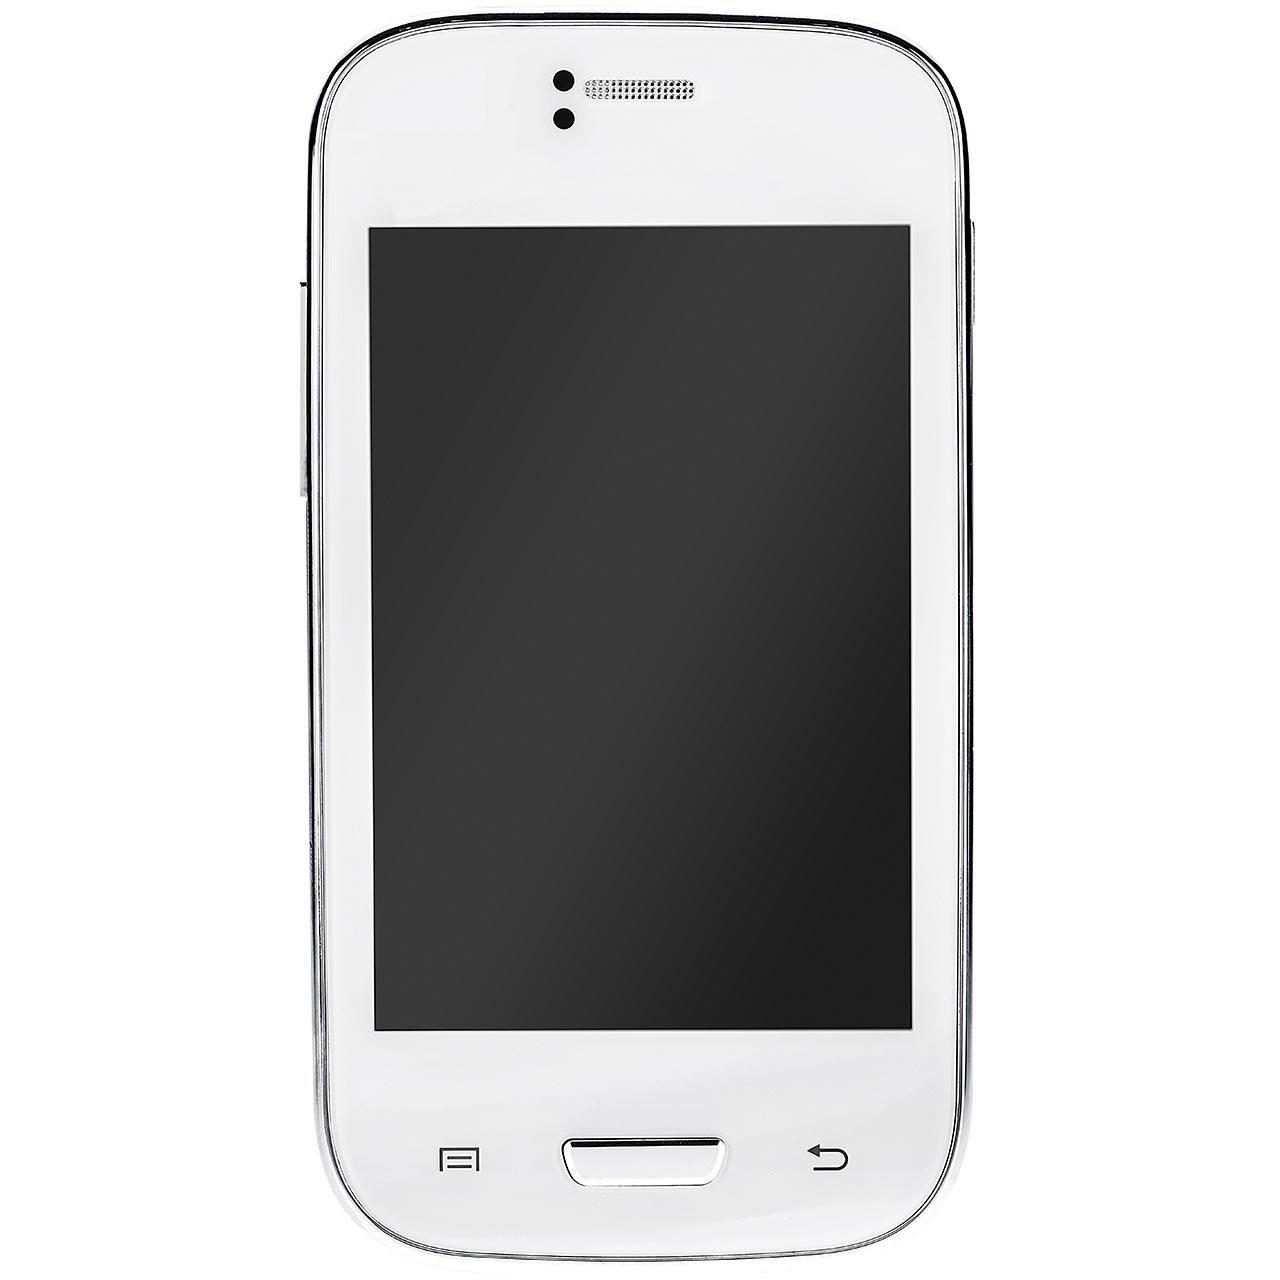 گوشی موبایل جی ال ایکس لاستر 2 سه سیم کارت